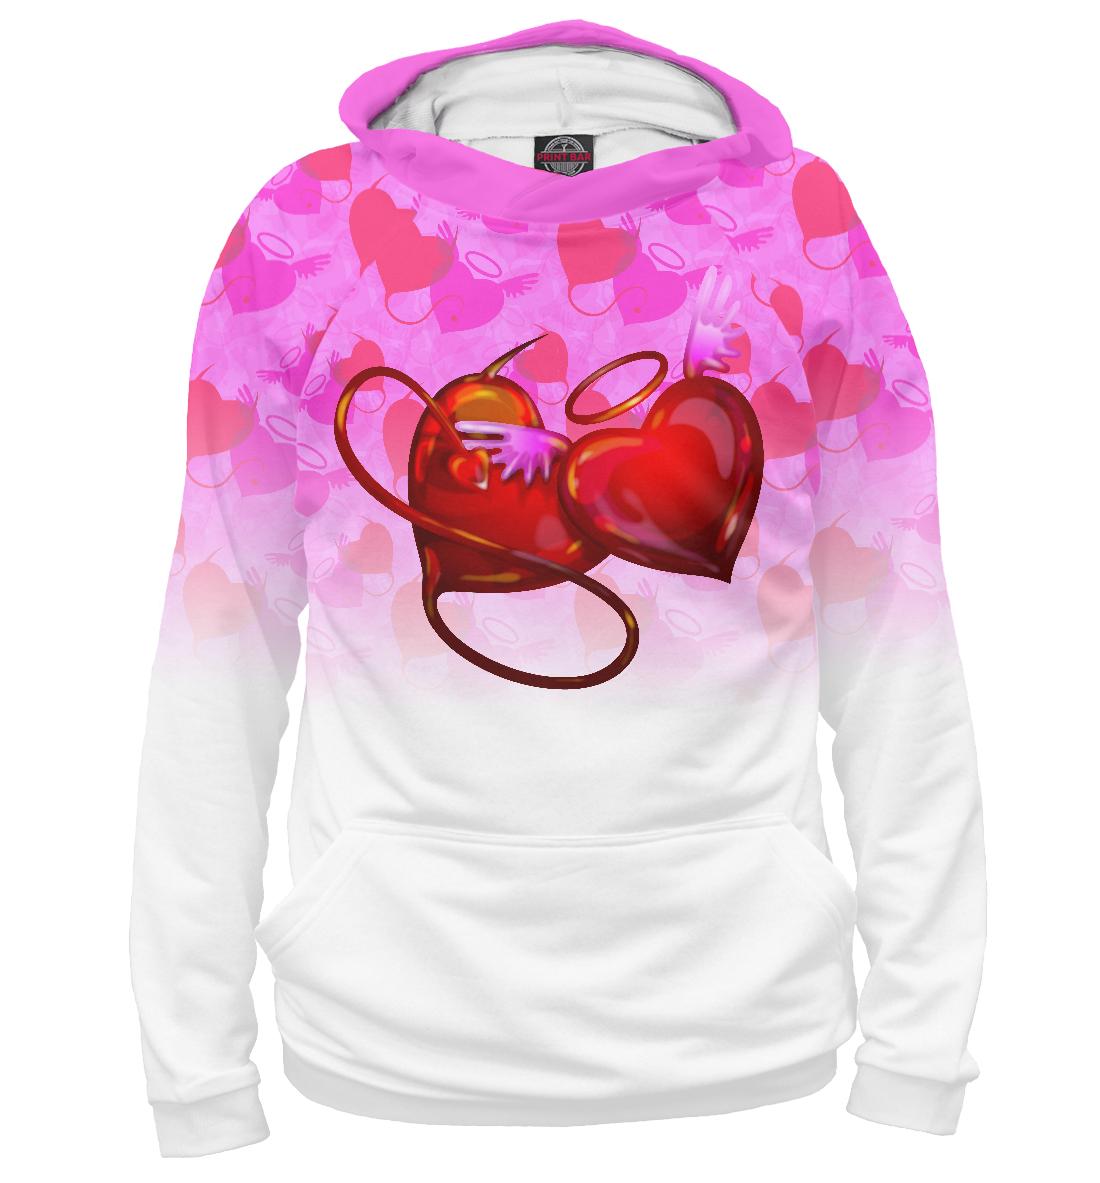 Купить Влюбленные сердца, Printbar, Худи, 14F-726845-hud-1